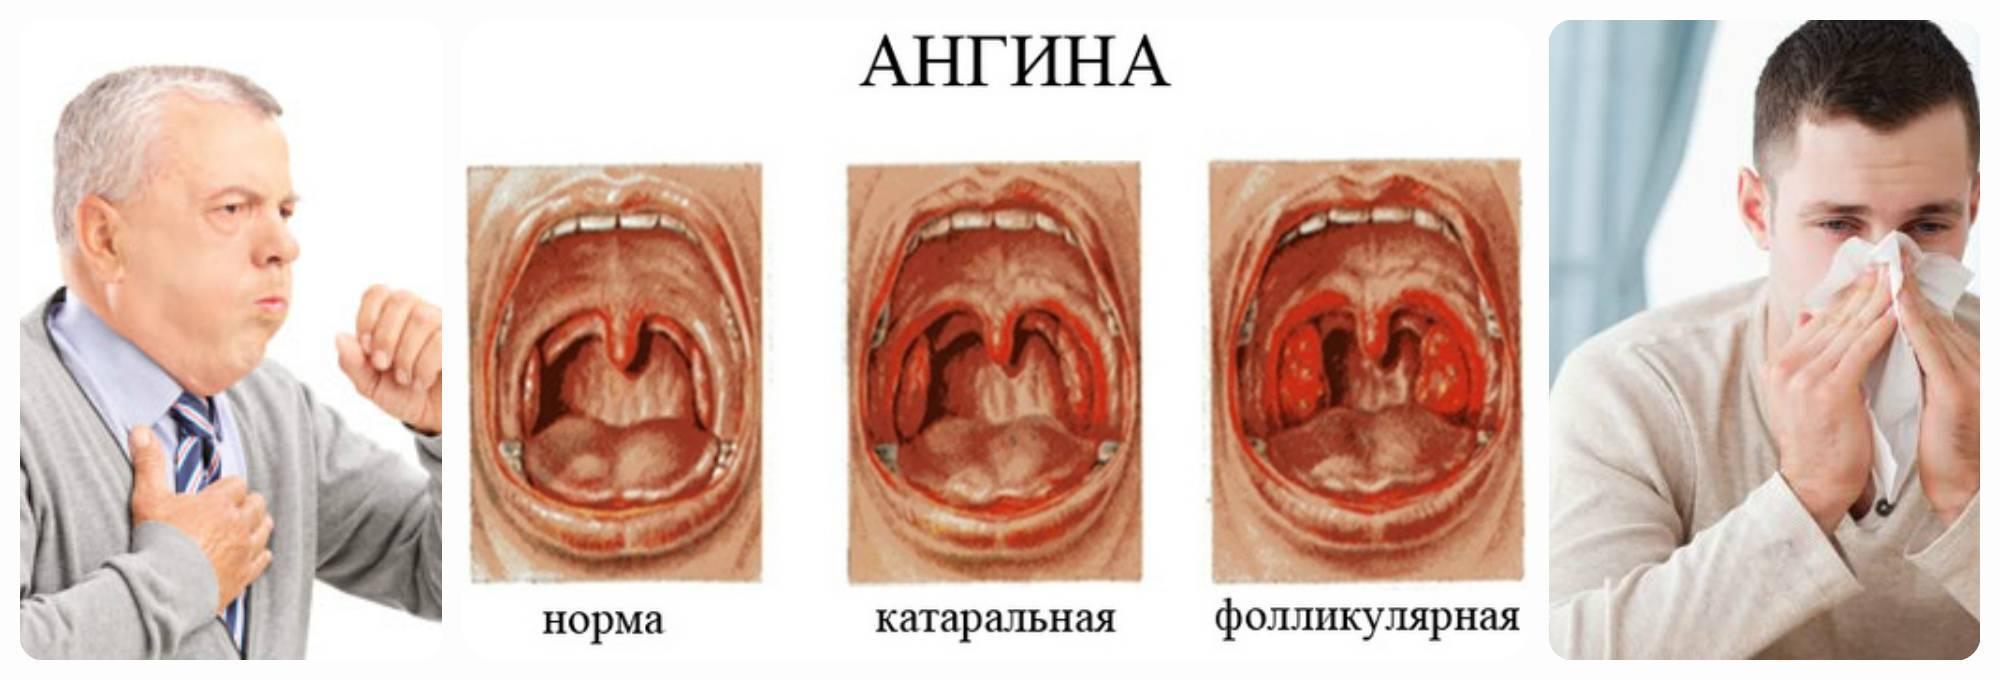 Чем и как лечить ангину у ребёнка в 2-3 года - проверенные средства pulmono.ru чем и как лечить ангину у ребёнка в 2-3 года - проверенные средства